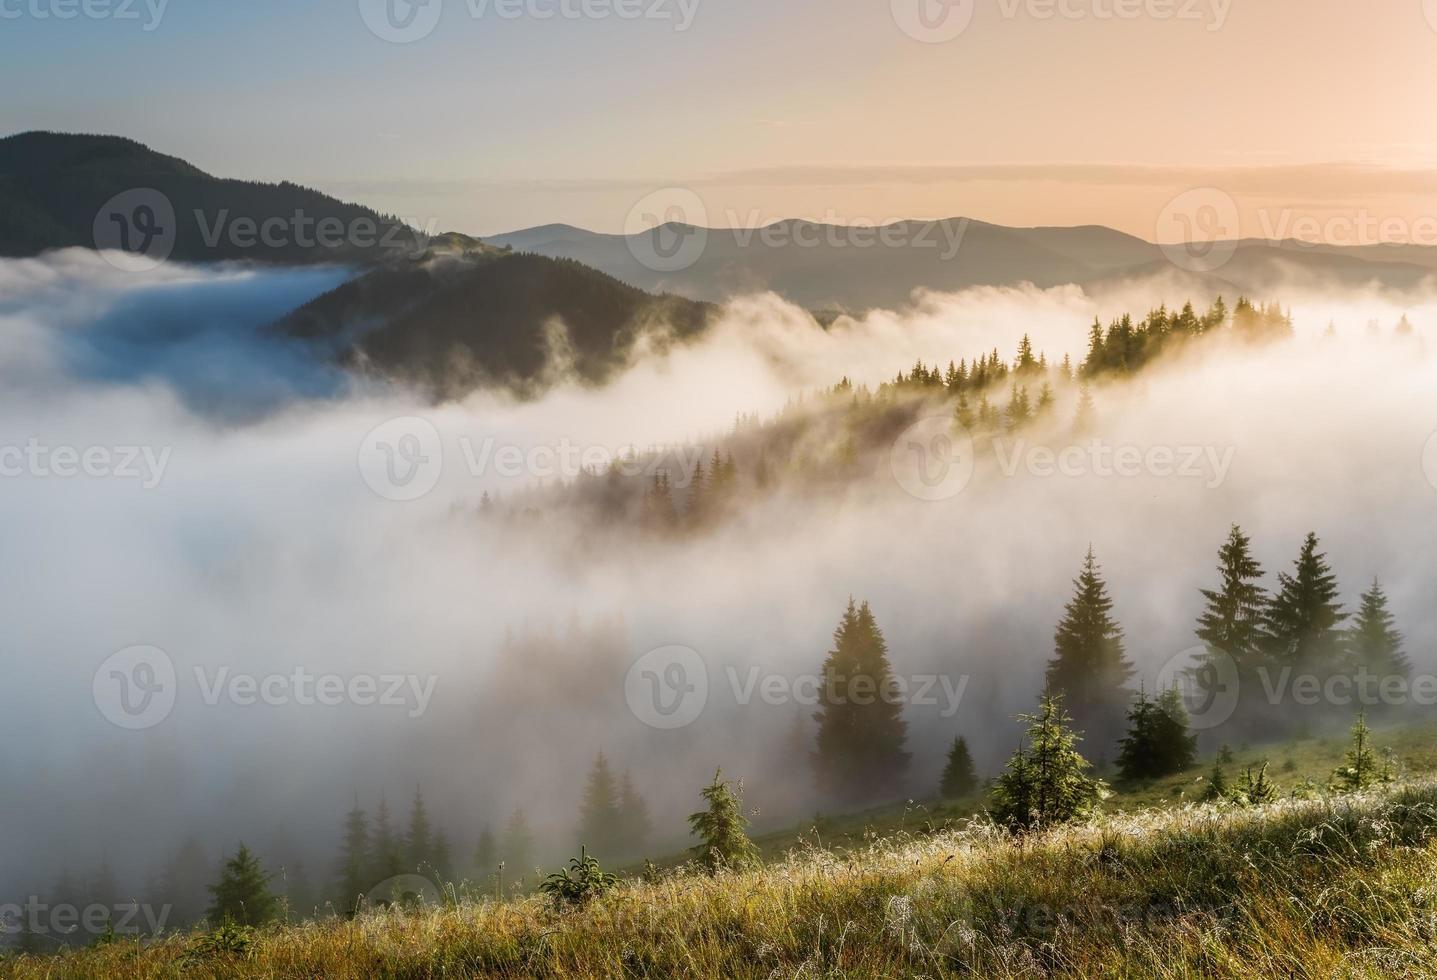 monti carpazi. le pendici dei monti in una nebbia. foto